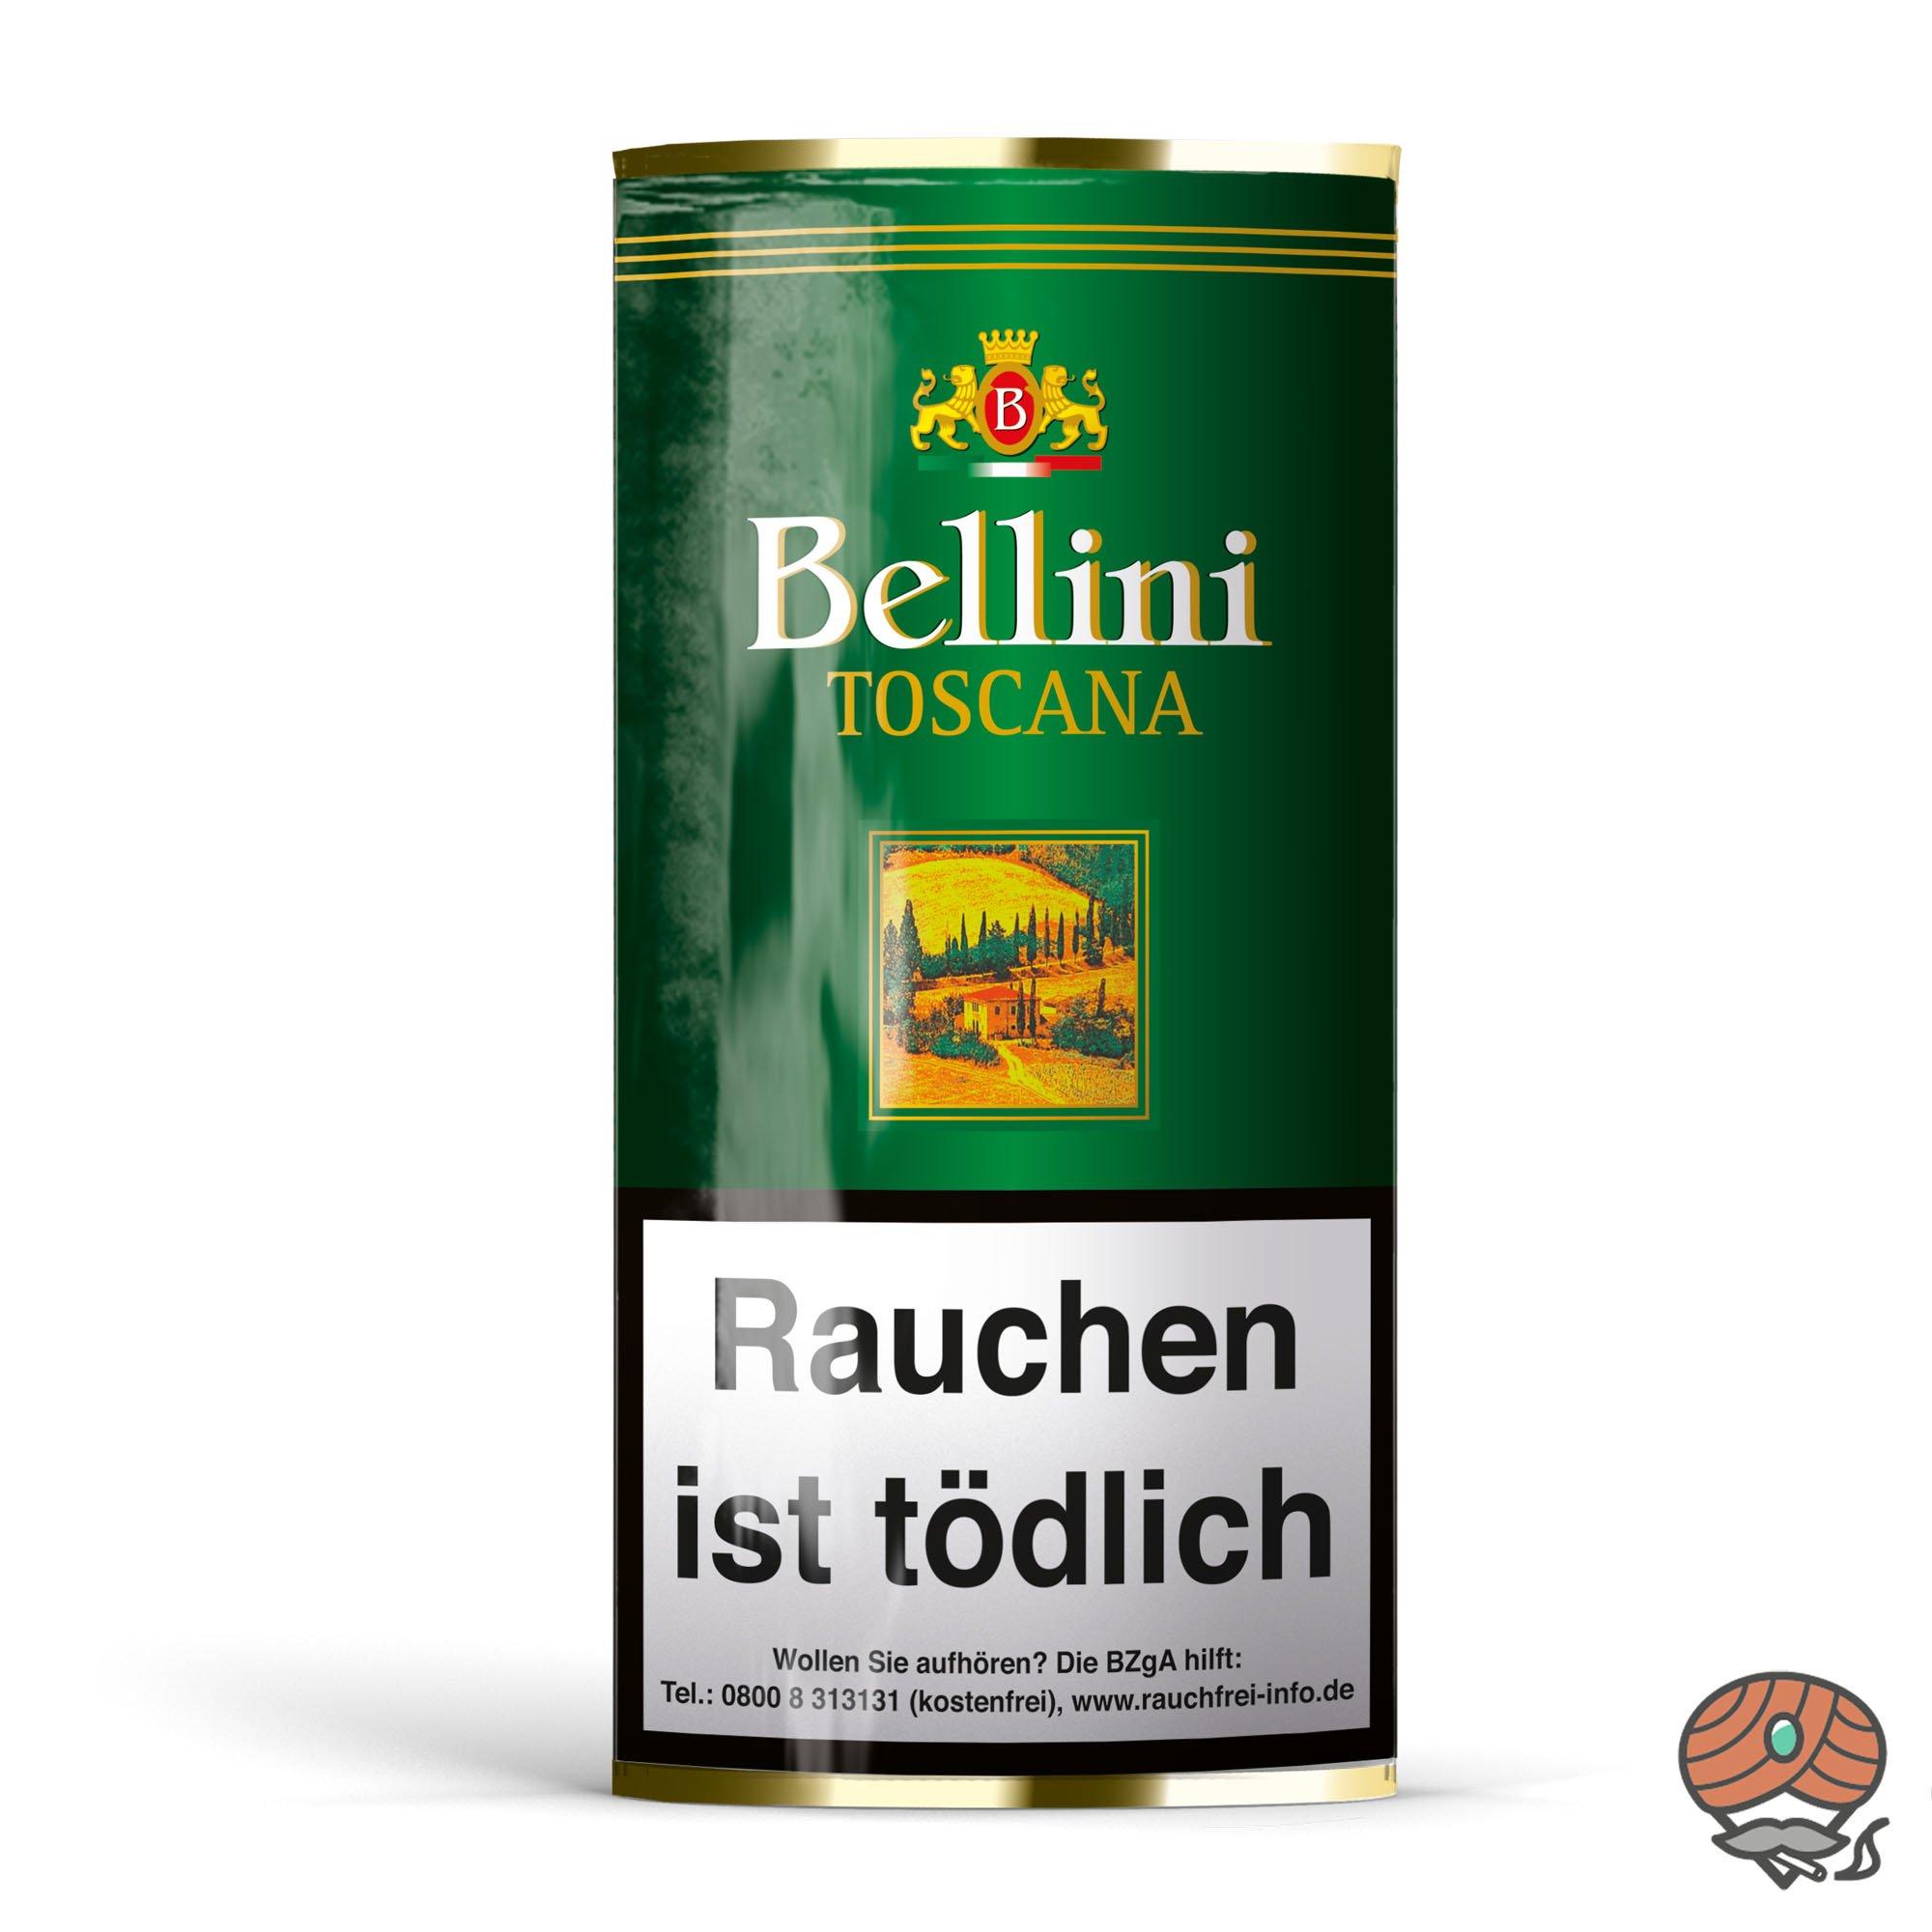 Bellini Toscana Pfeifentabak 50g Pouch